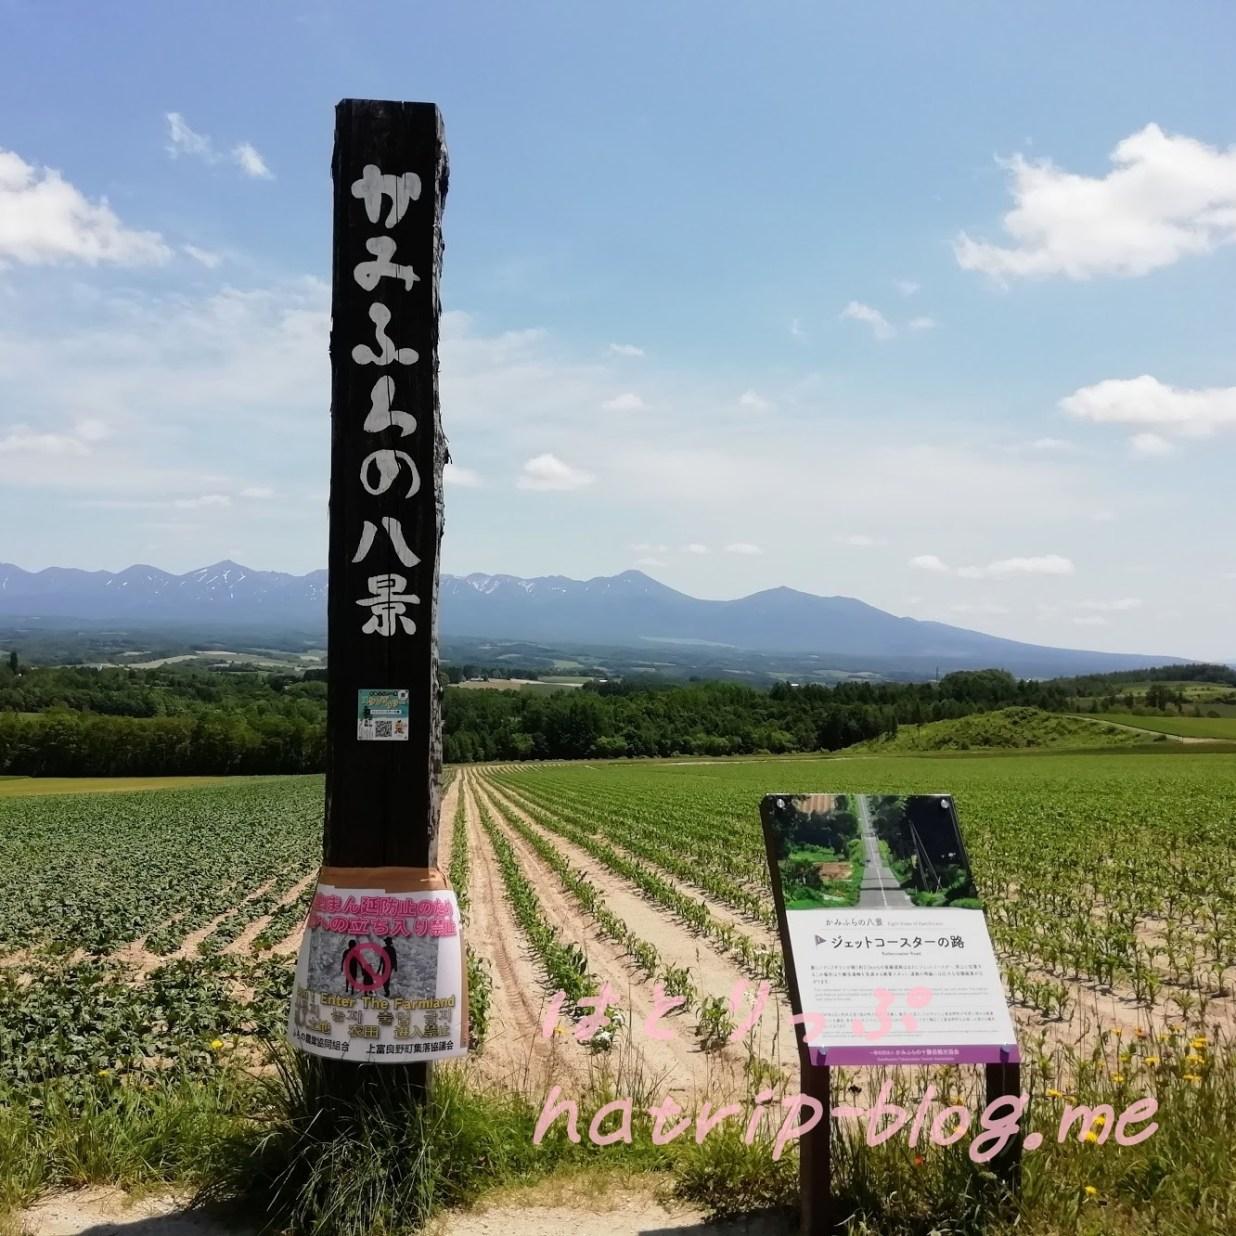 北海道 上富良野町 ジェットコースターの路 かみふらの八景